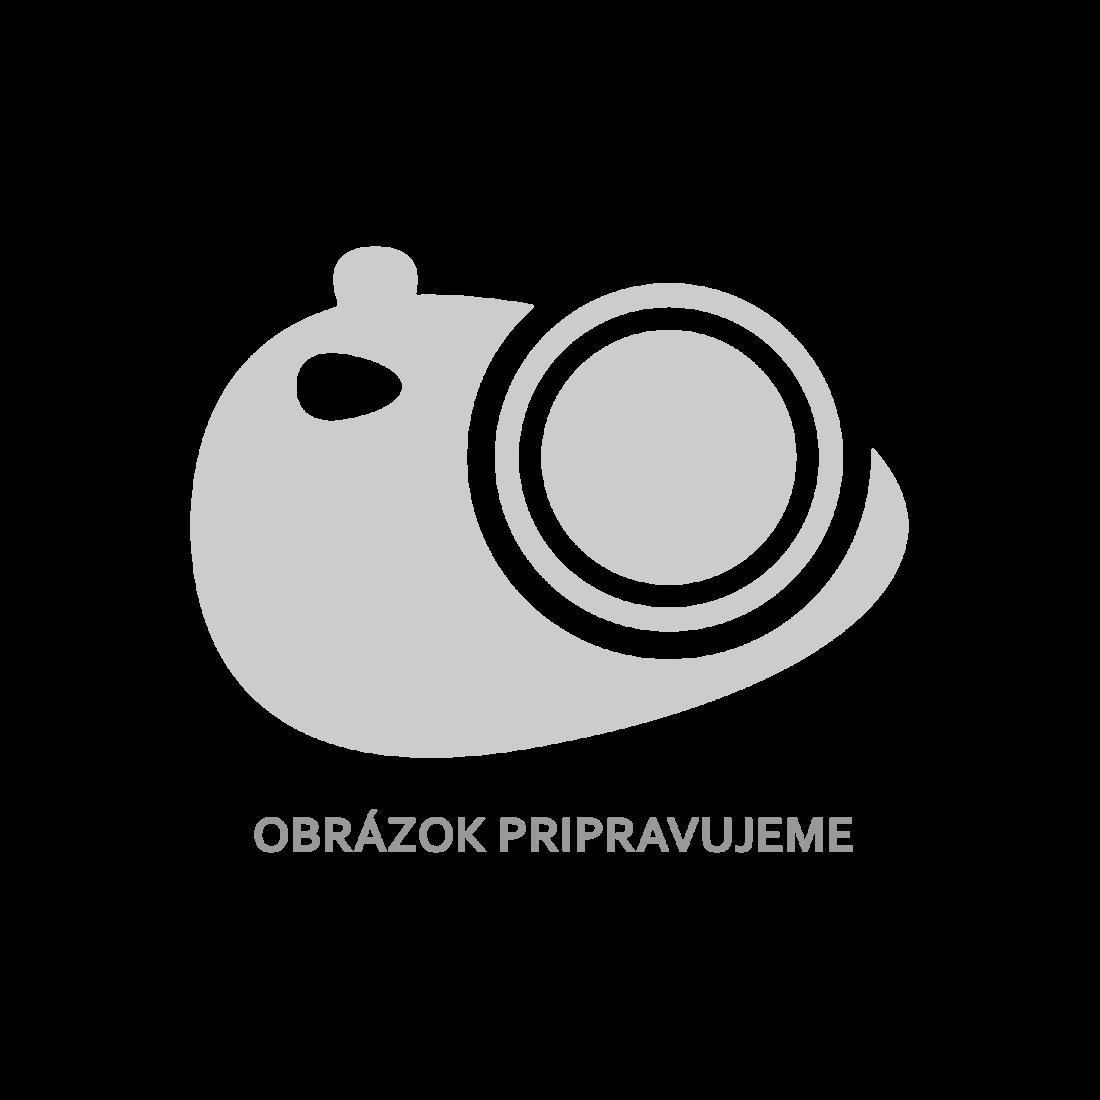 Paraván potlač s plážovým motivom 240 x 180